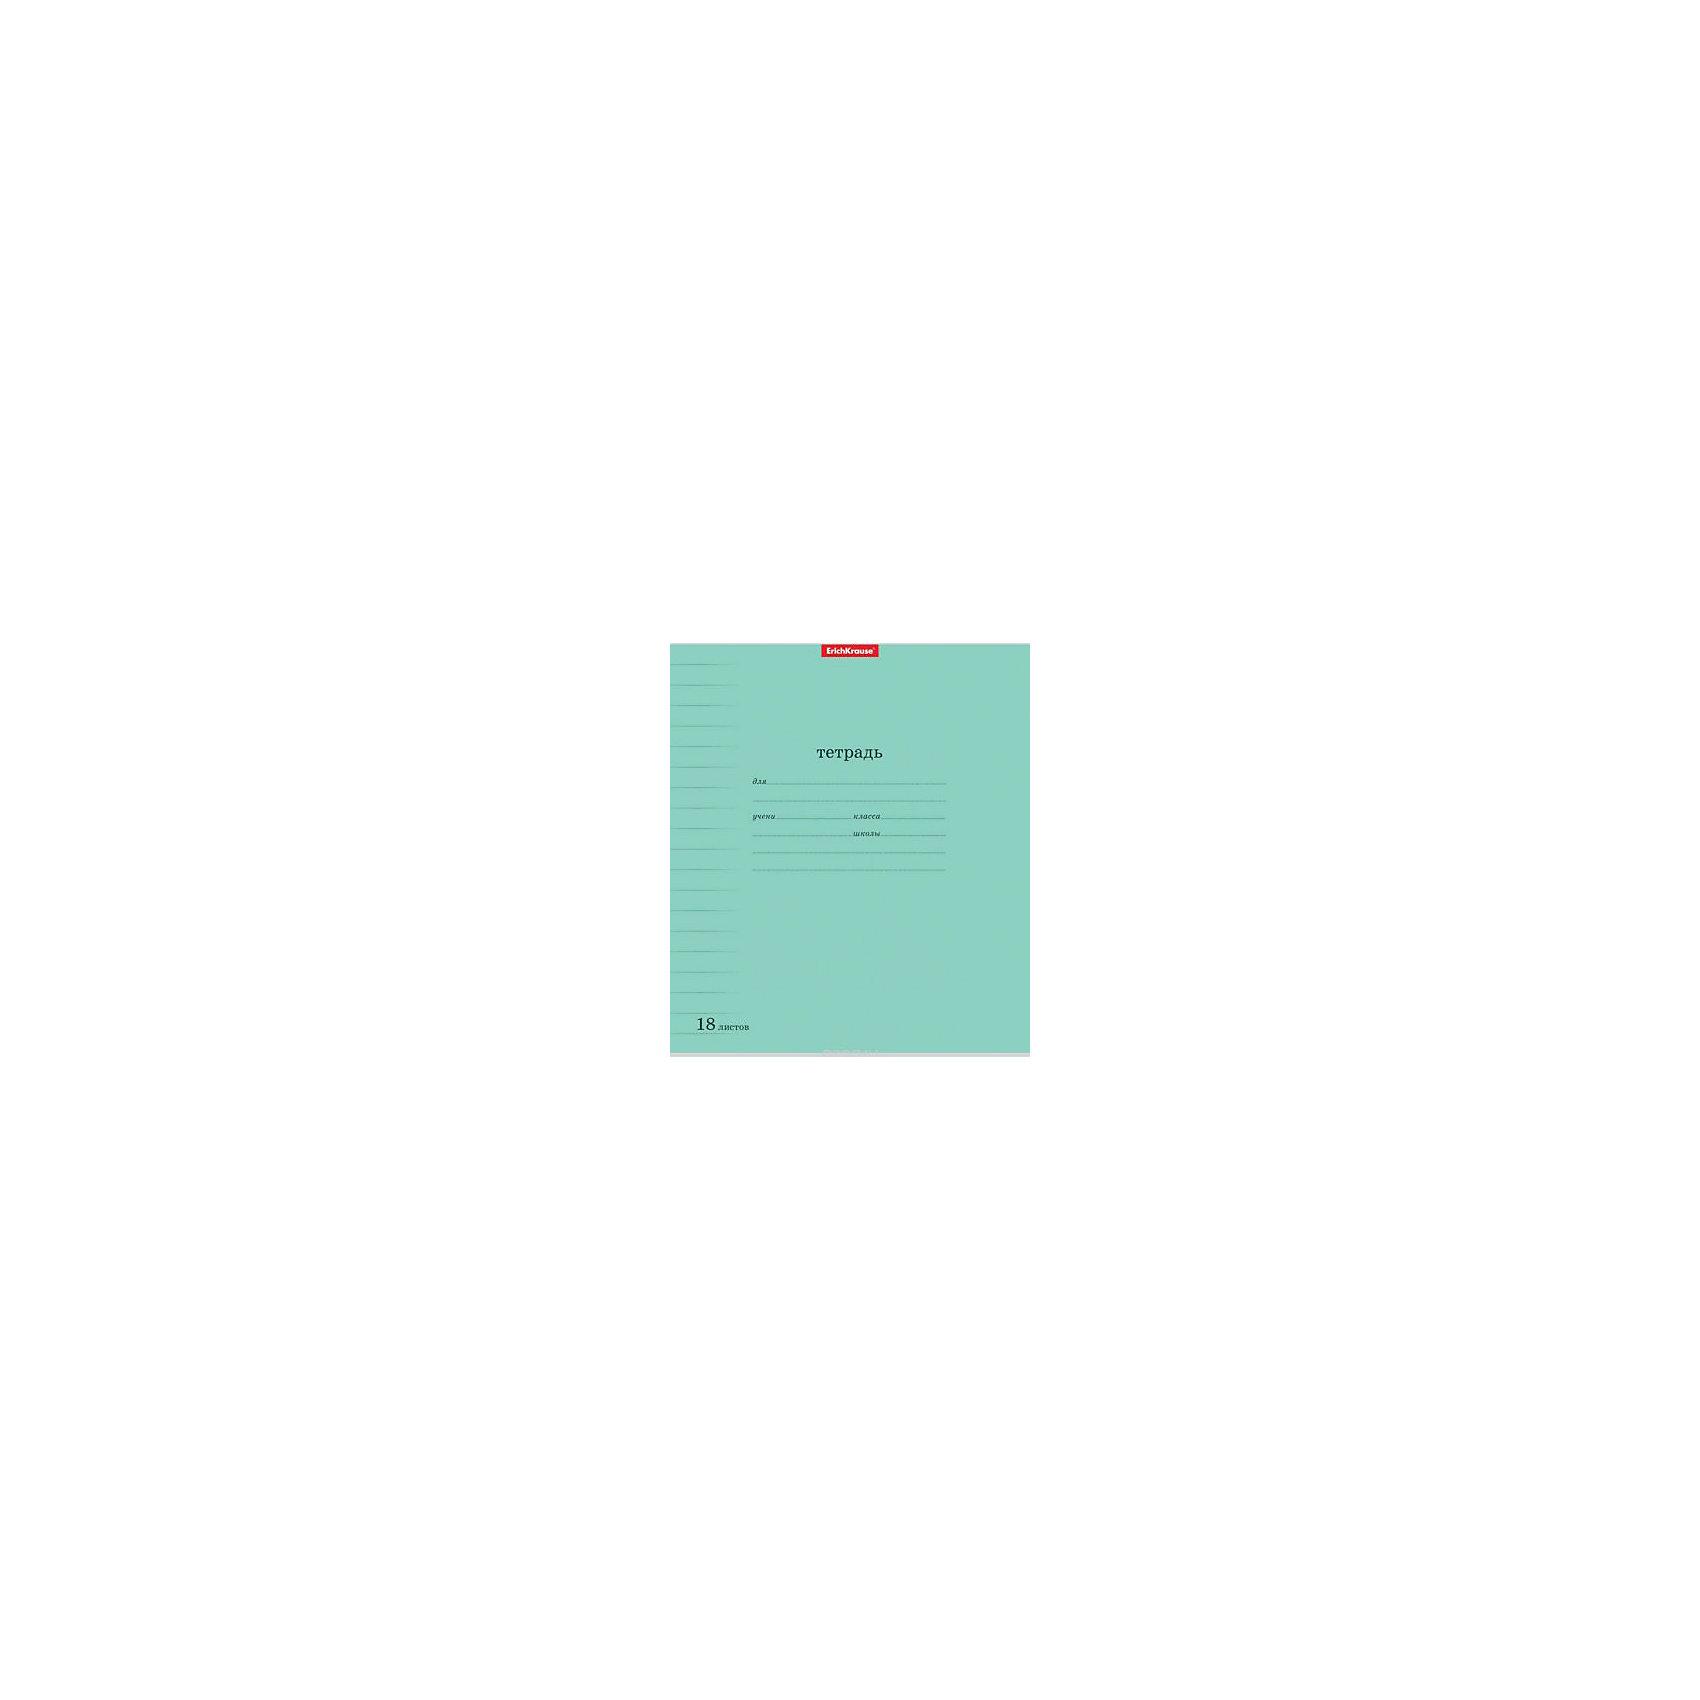 Тетрадь с линовкой Классика,18 л., 10 шт.Тетрадь линейка Классика,18л, с линовкой<br>Классическая тетрадь в линейку с линовкой с однотонной обложкой зеленого цвета - обязательная принадлежность для многих школьных занятий. Внутренний блок в 18 листов выполнен из качественной офсетной бумаги и скреплен скрепкой. Листы естественного белого цвета не портят зрение, линейки четкие. Плотная обложка из мелованного картона сохранит аккуратный внешний вид в течение всего срока использования. Строгий дизайн не будет отвлекать ребенка от процесса обучения и поможет ему получать только отличные отметки.<br><br>Дополнительная информация:<br><br>- Формат: А5<br>- Количество листов: 18<br>- Обложка: мелованный картон<br>- Внутренний блок: офсет, линейка<br>- Цвет: зеленый<br><br>Тетрадь линейка Классика,18л, с линовкой можно купить в нашем интернет-магазине.<br><br>Ширина мм: 170<br>Глубина мм: 5<br>Высота мм: 202<br>Вес г: 48<br>Возраст от месяцев: 72<br>Возраст до месяцев: 204<br>Пол: Унисекс<br>Возраст: Детский<br>SKU: 4744524